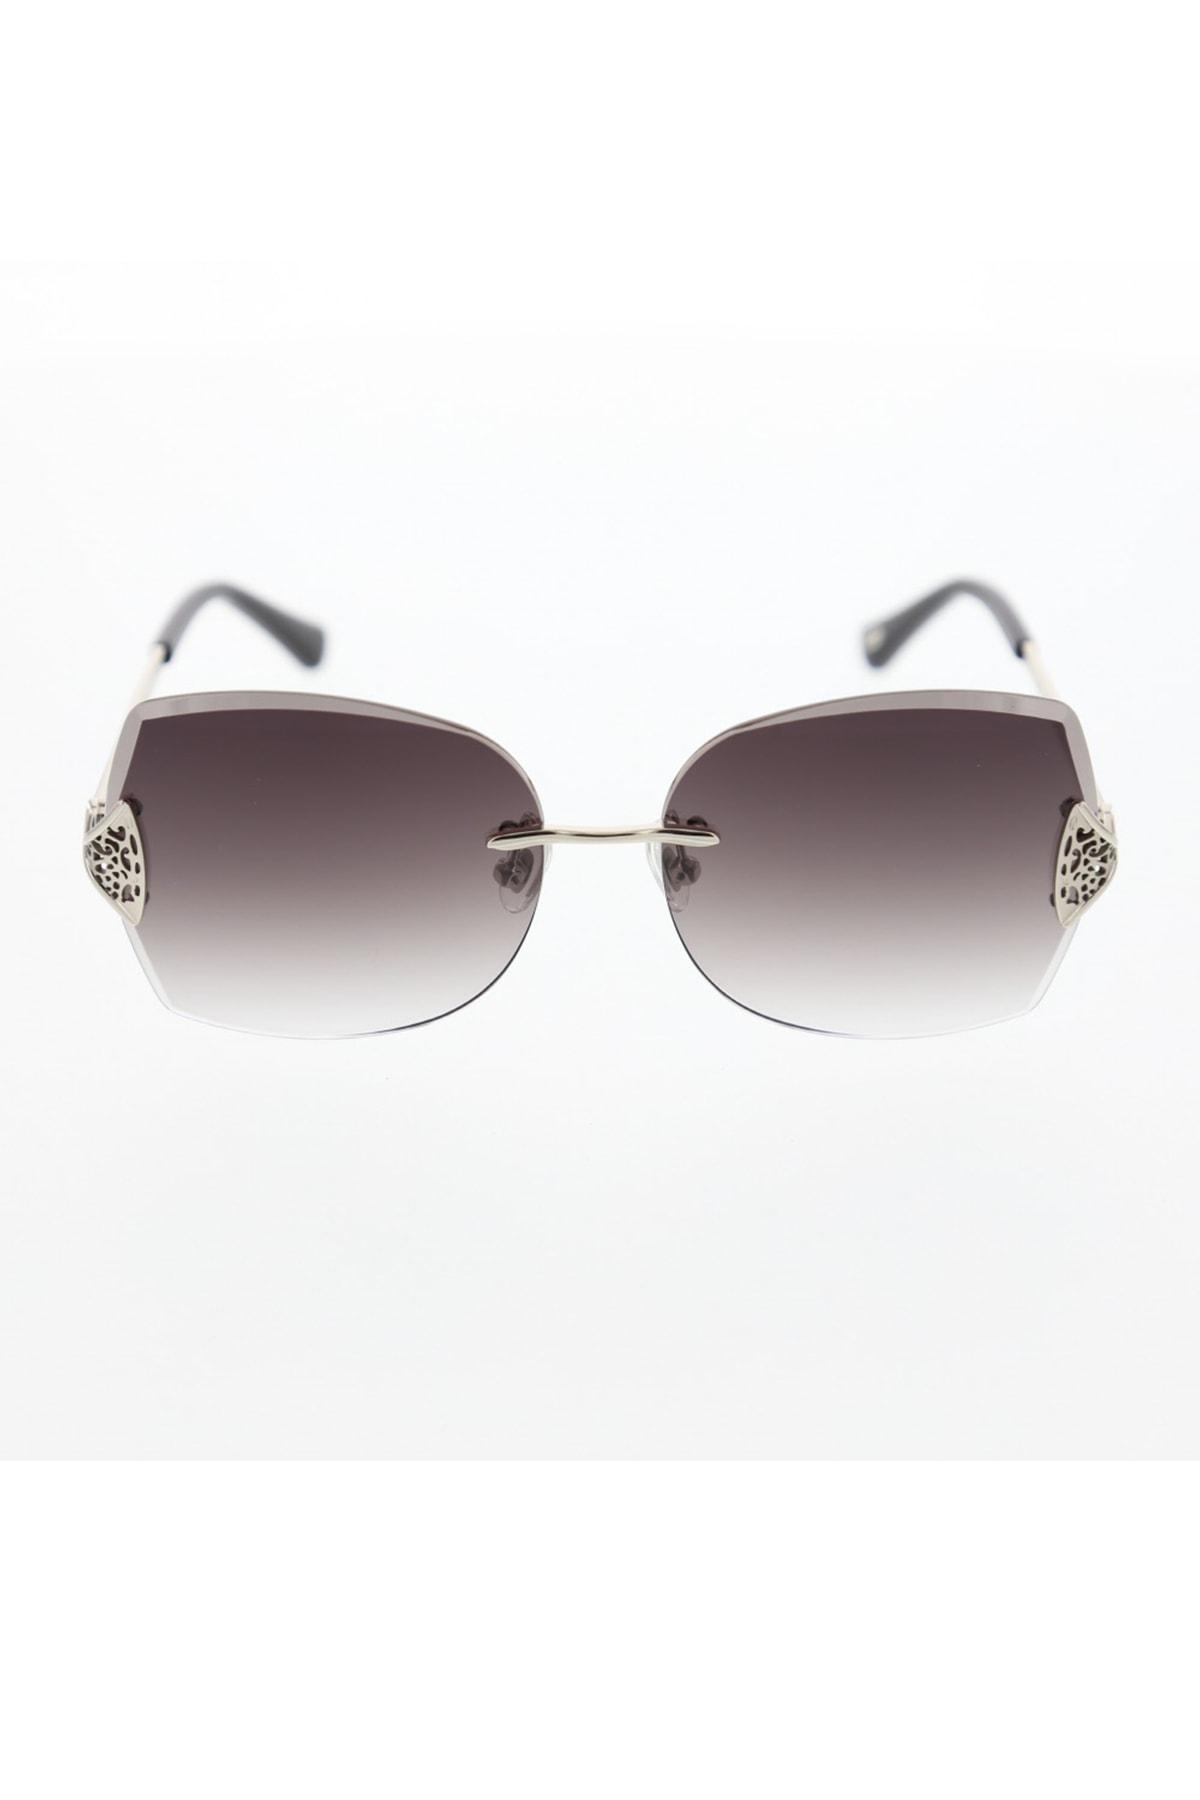 Osse Kadın Gümüş Çerçevesiz Güneş Gözlüğü OS 2597 COL 05 1